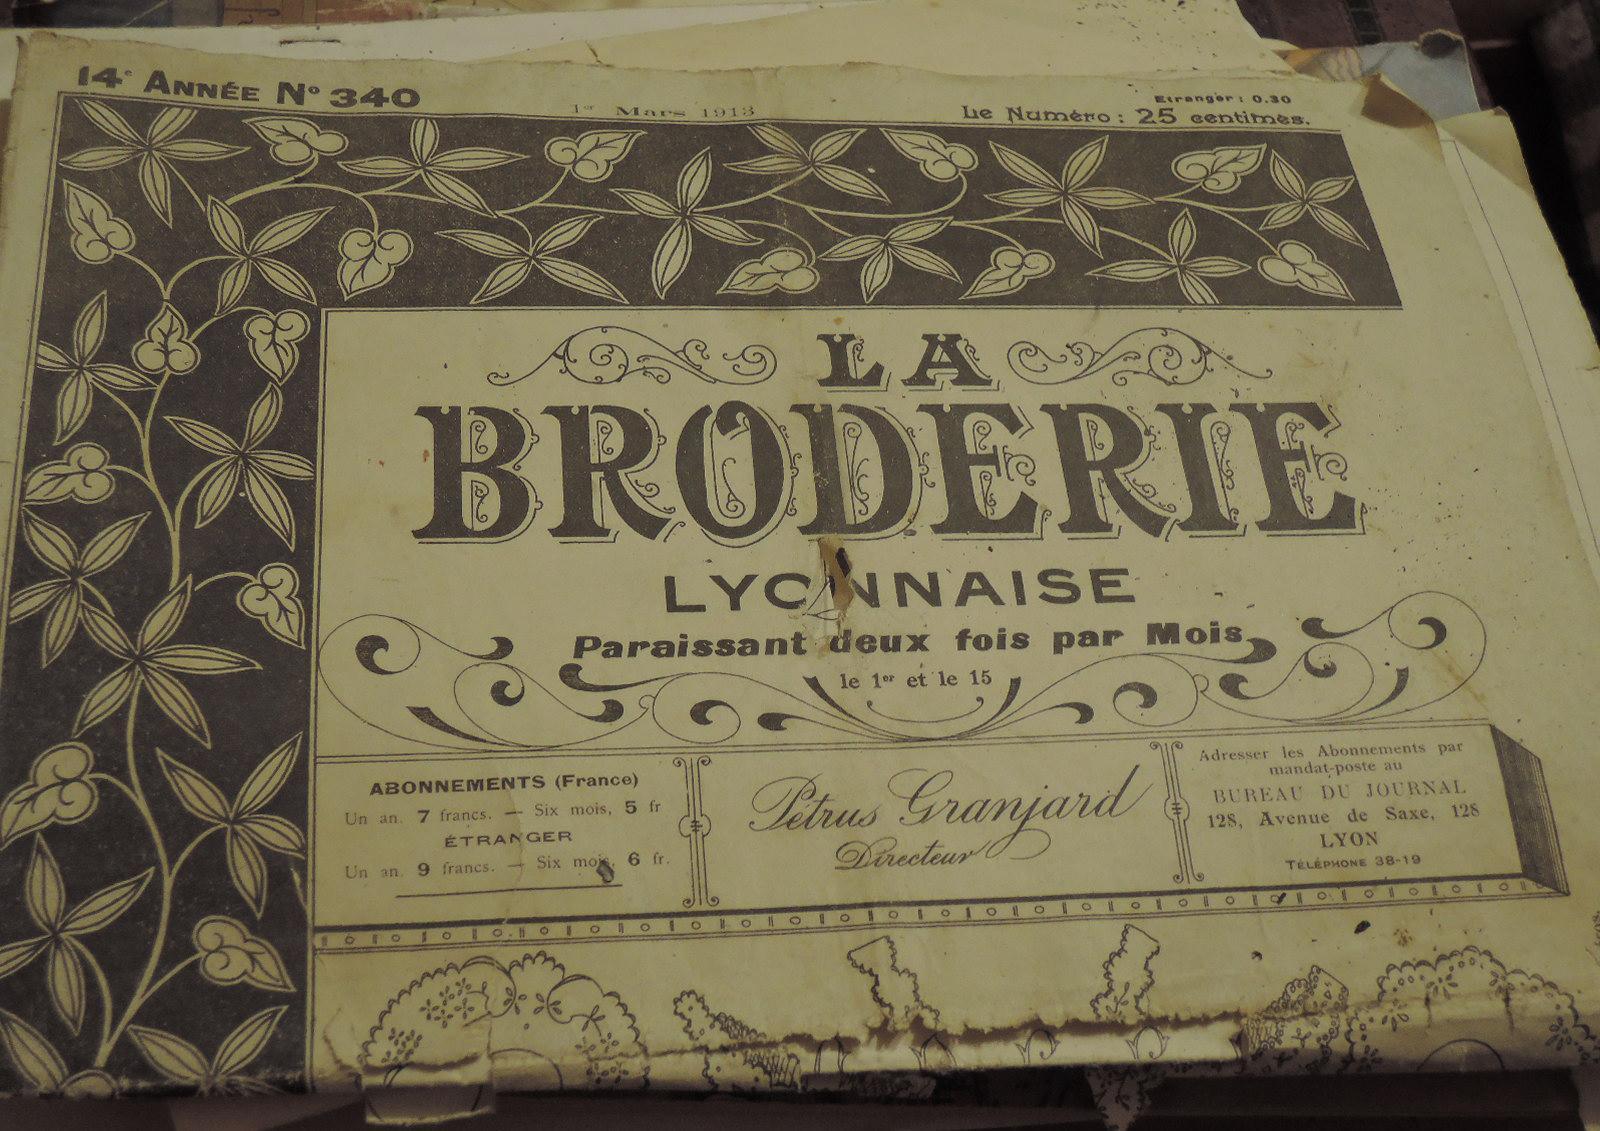 La Broderie, editado en 1918.